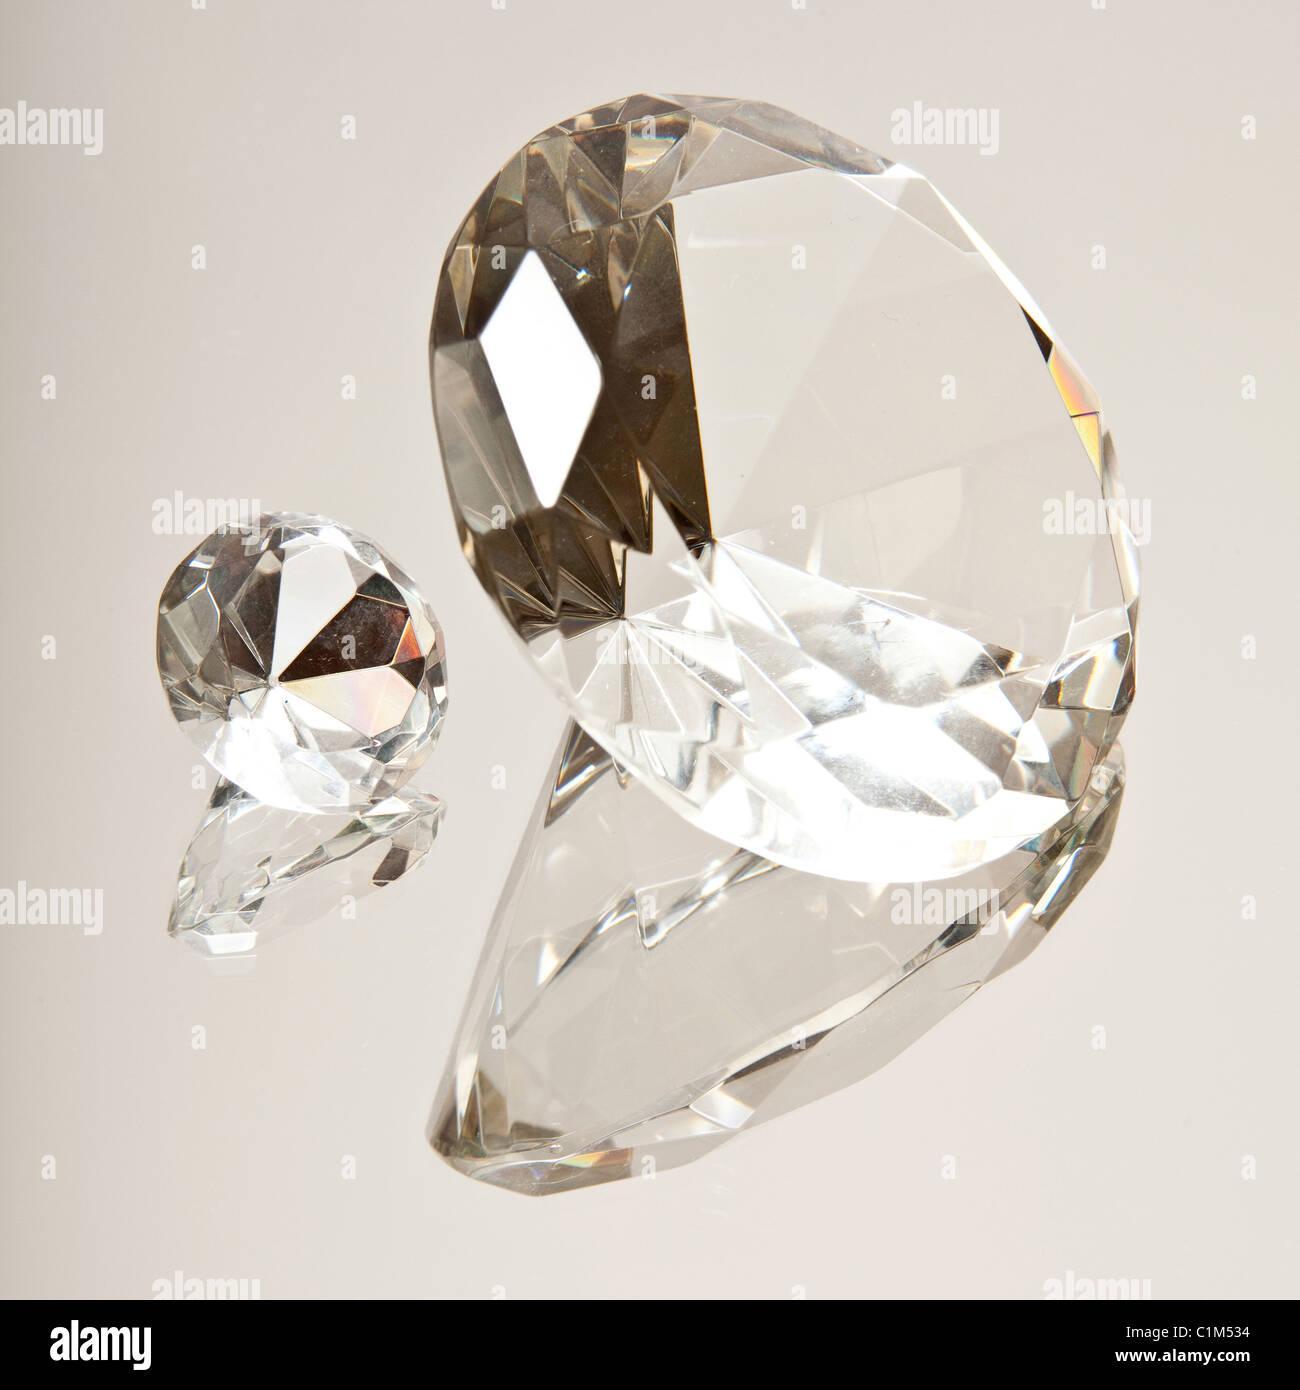 Des diamants sur une surface réfléchissante Photo Stock